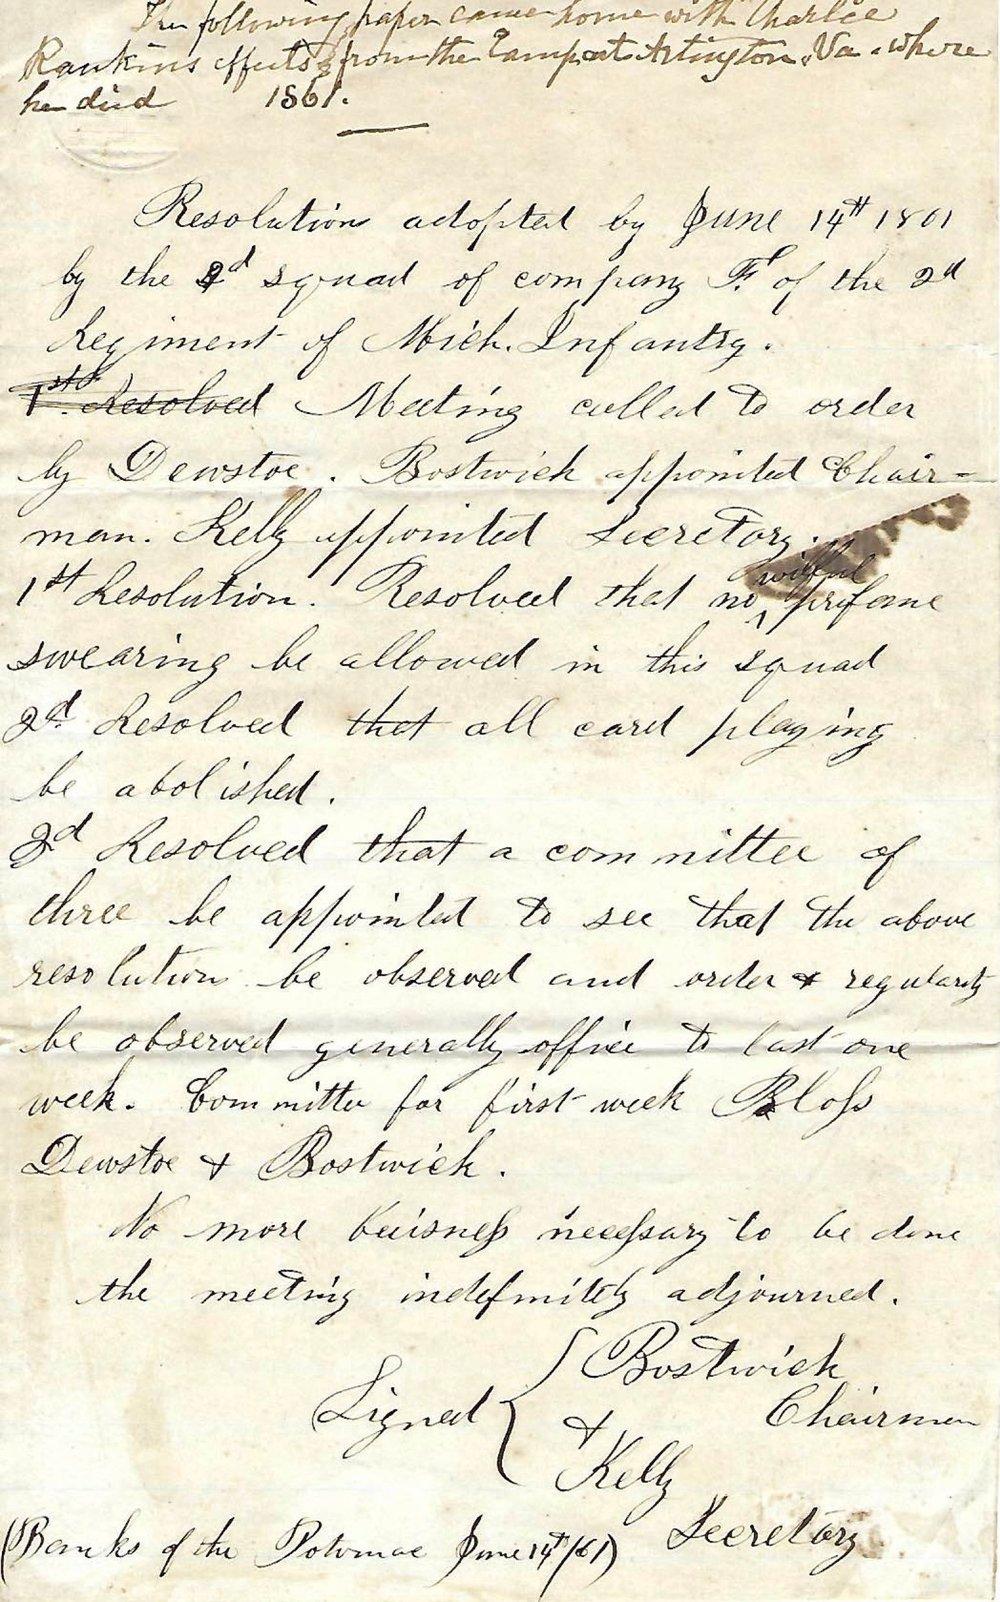 Charles Rankin Letter 1861